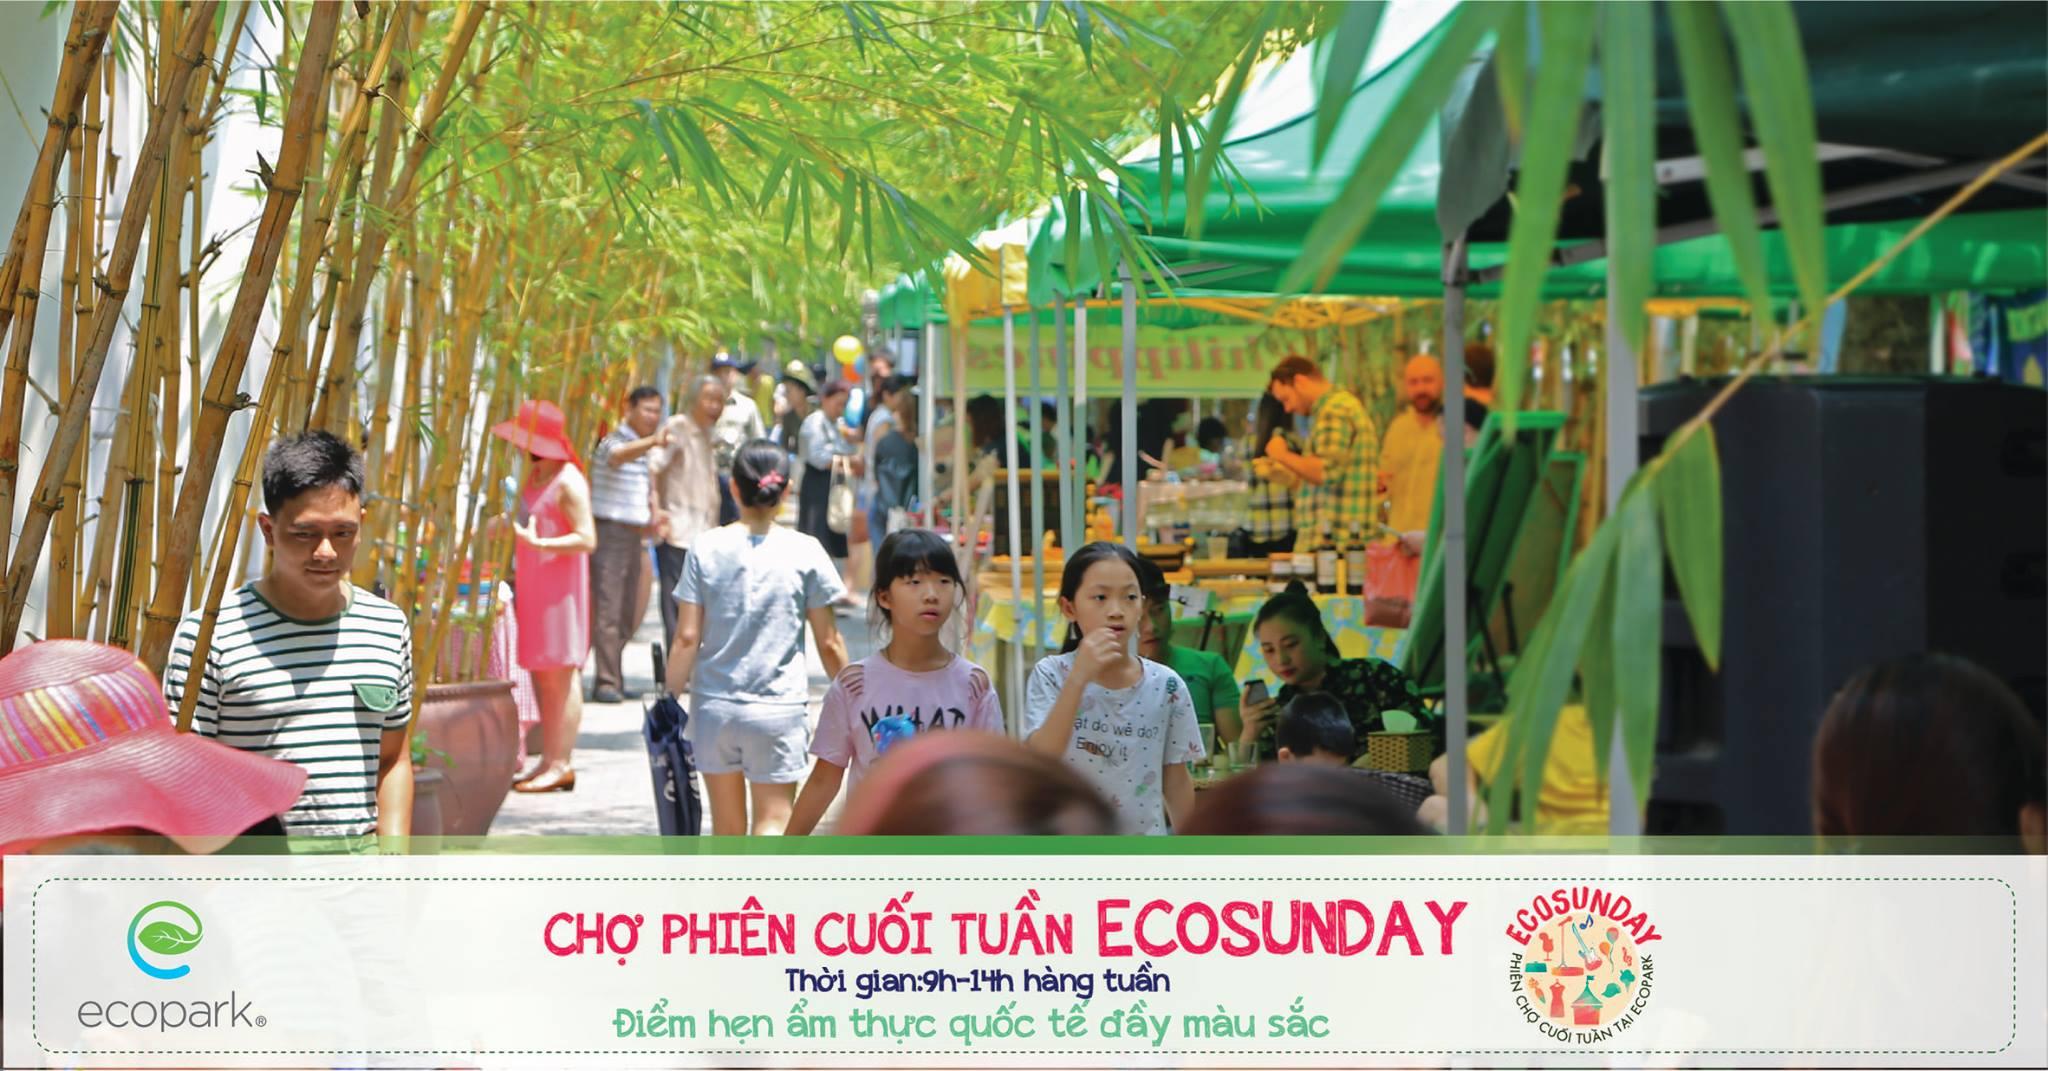 kinh nghiem vui choi tai Ecopark